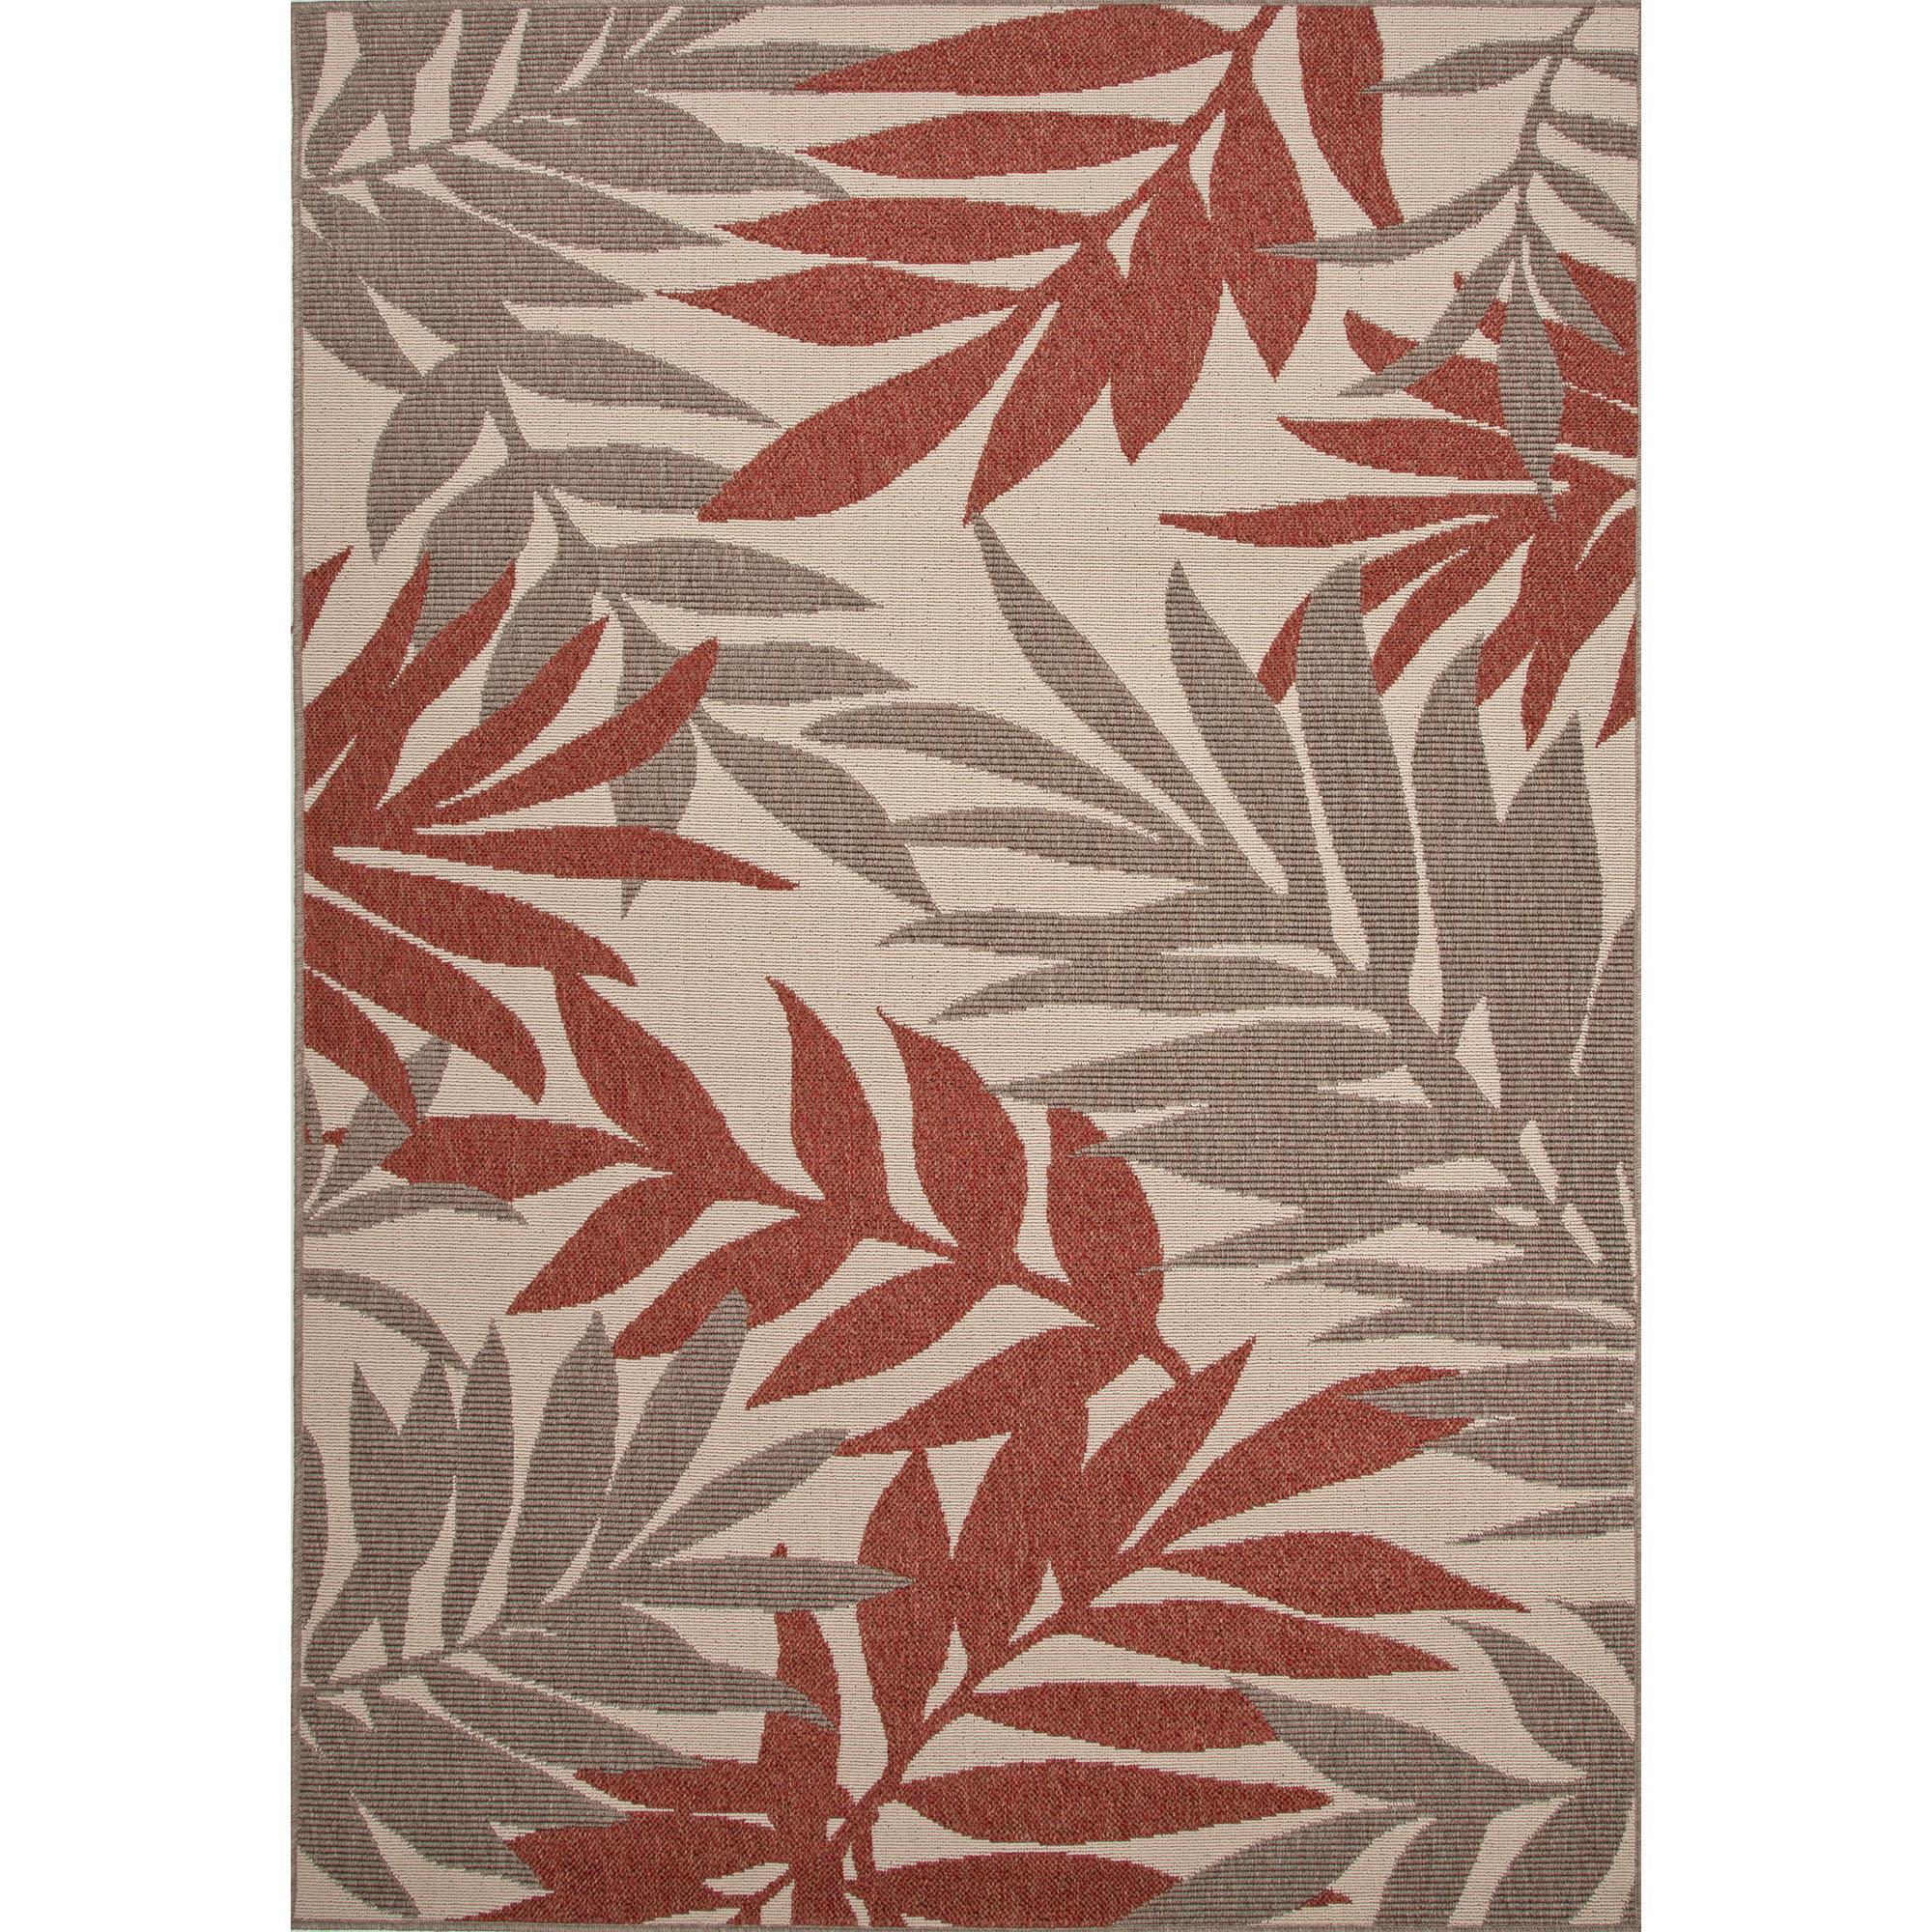 JAIPUR Rugs Bloom 5.3 x 7.6 Rug - Item Number: RUG121422